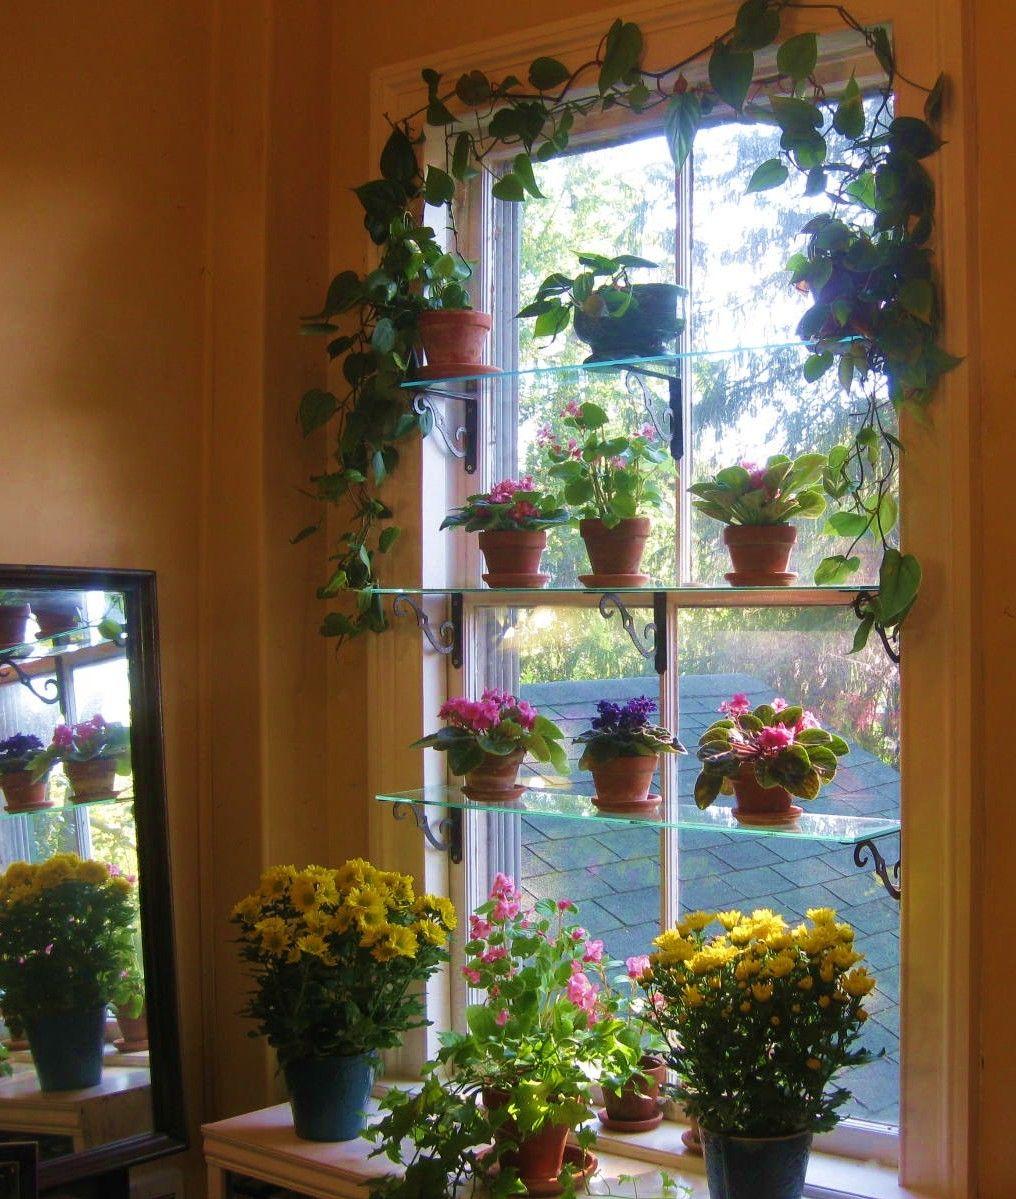 Kitchen Window With Ledge: Garden Windows, Indoor